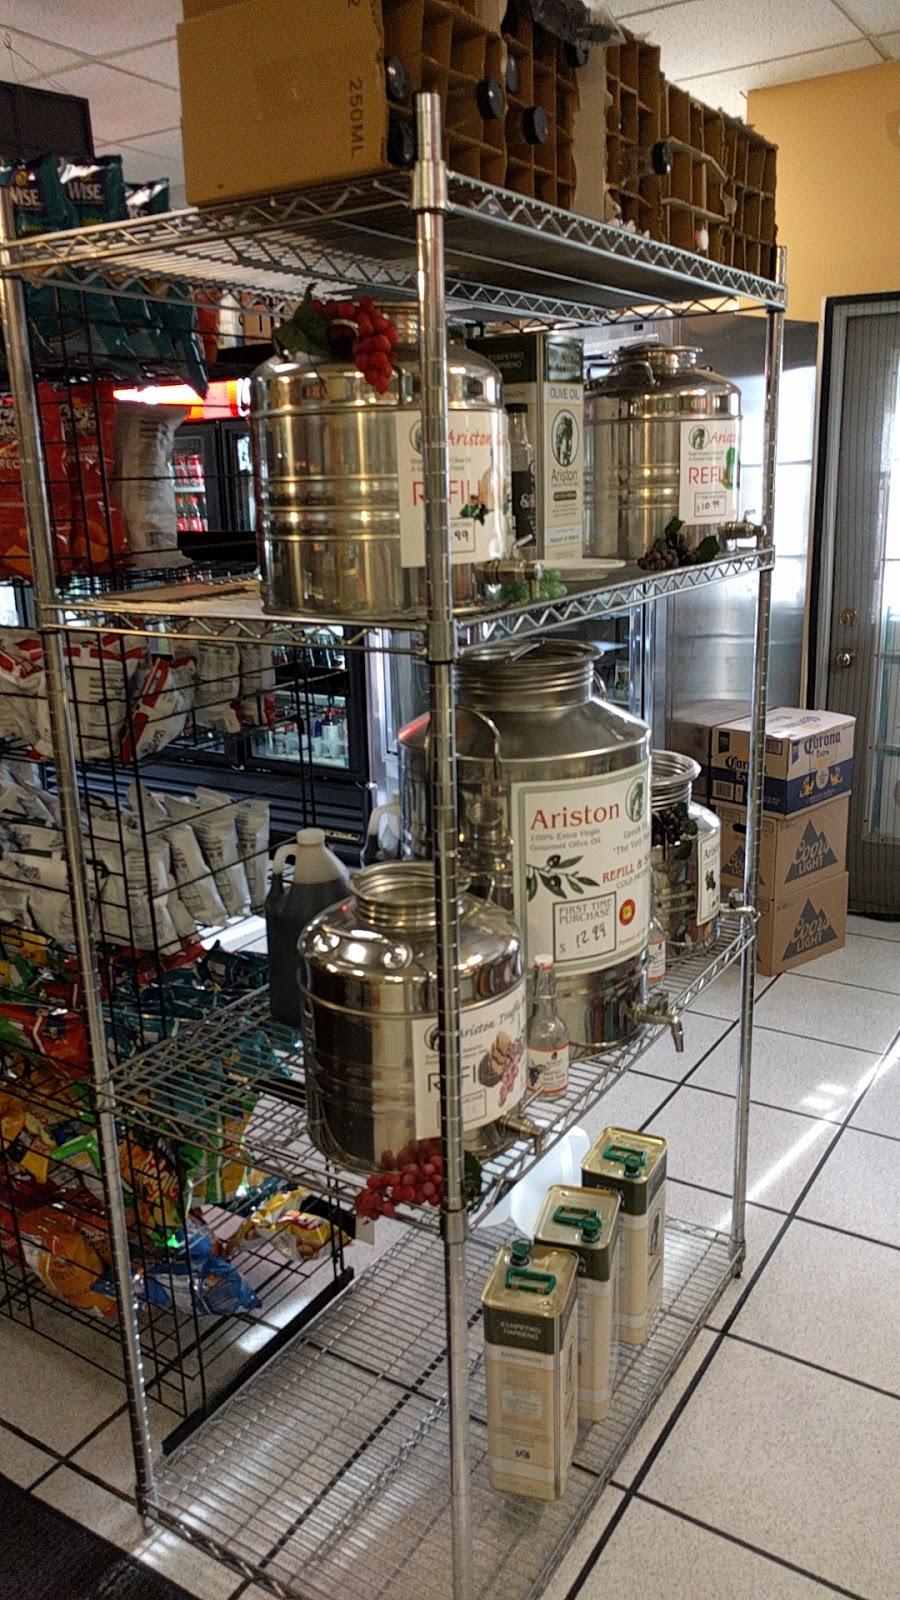 Villa Doro Italian Deli and Bakery - bakery  | Photo 4 of 5 | Address: 24 Old Albany Post Rd, Croton-On-Hudson, NY 10520, USA | Phone: (914) 862-0684